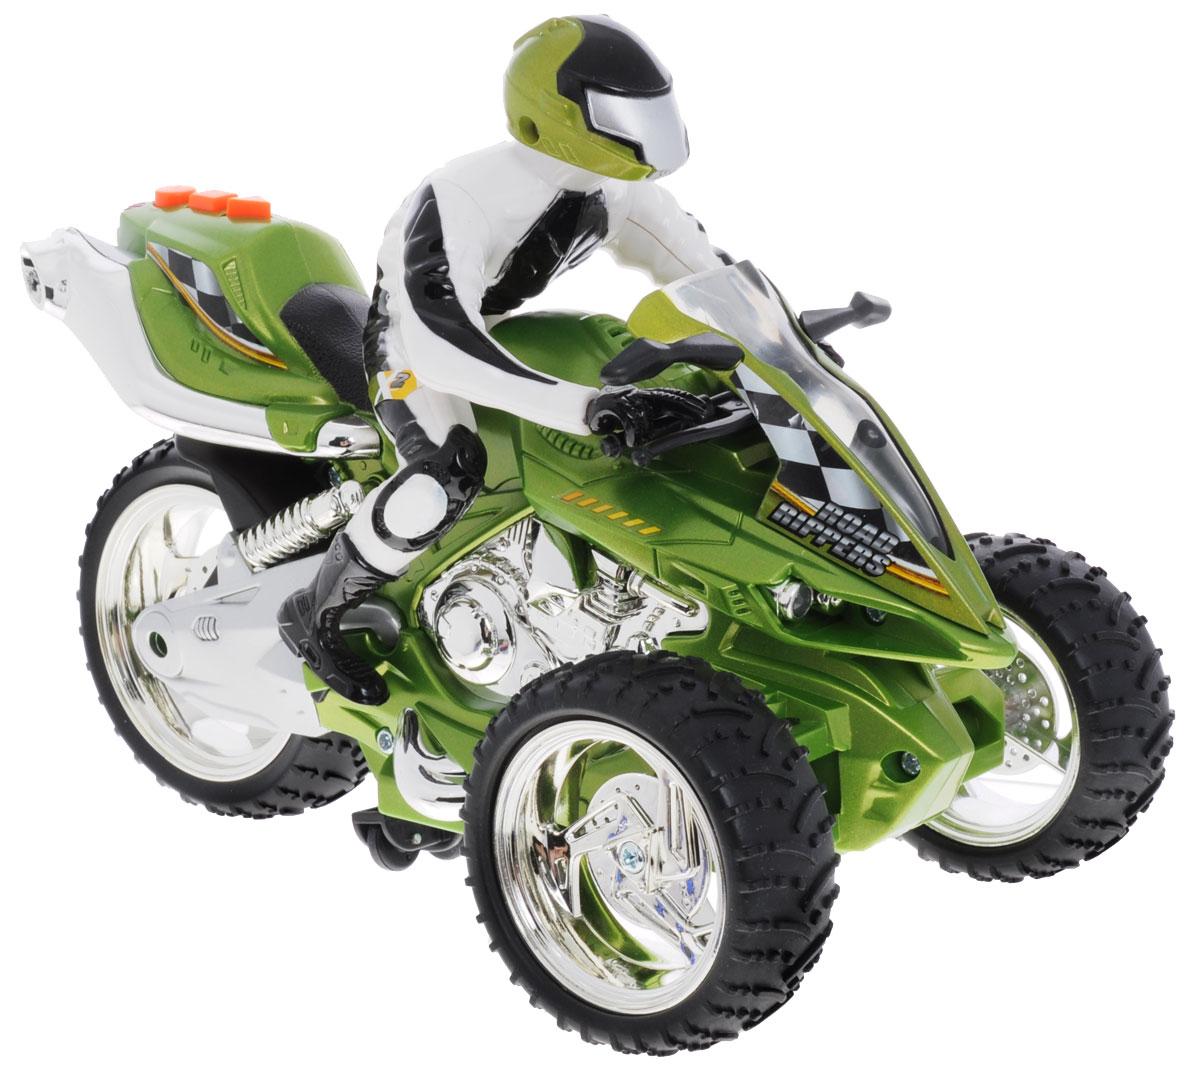 """Трицикл на радиоуправлении """"Road Rippers"""" станет отличным подарком для ребенка! Выполненный в виде мощного трехколесного мотоцикла, он просто поражает воображение! Трицикл может двигаться как вперед и назад, так вправо и влево, и даже разворачиваться на 360°! Два варианта управления: с пульта дистанционного управления и с помощью кнопок на самой игрушке. При нажатии на кнопки трицикл устремляется вперед, приподнимается на два передних колеса, воспроизводит зажигательную музыку. Работа трицикла сопровождается свечением передних фар и стоп-сигналов. Имеется демо-режим. Пульт управления работает на частоте 27 MHz. Для работы игрушки необходимы 4 батарейки типа ААА (товар комплектуется демонстрационными). Для работы пульта управления необходимы 3 батарейки типа ААА (не входят в комплект)."""